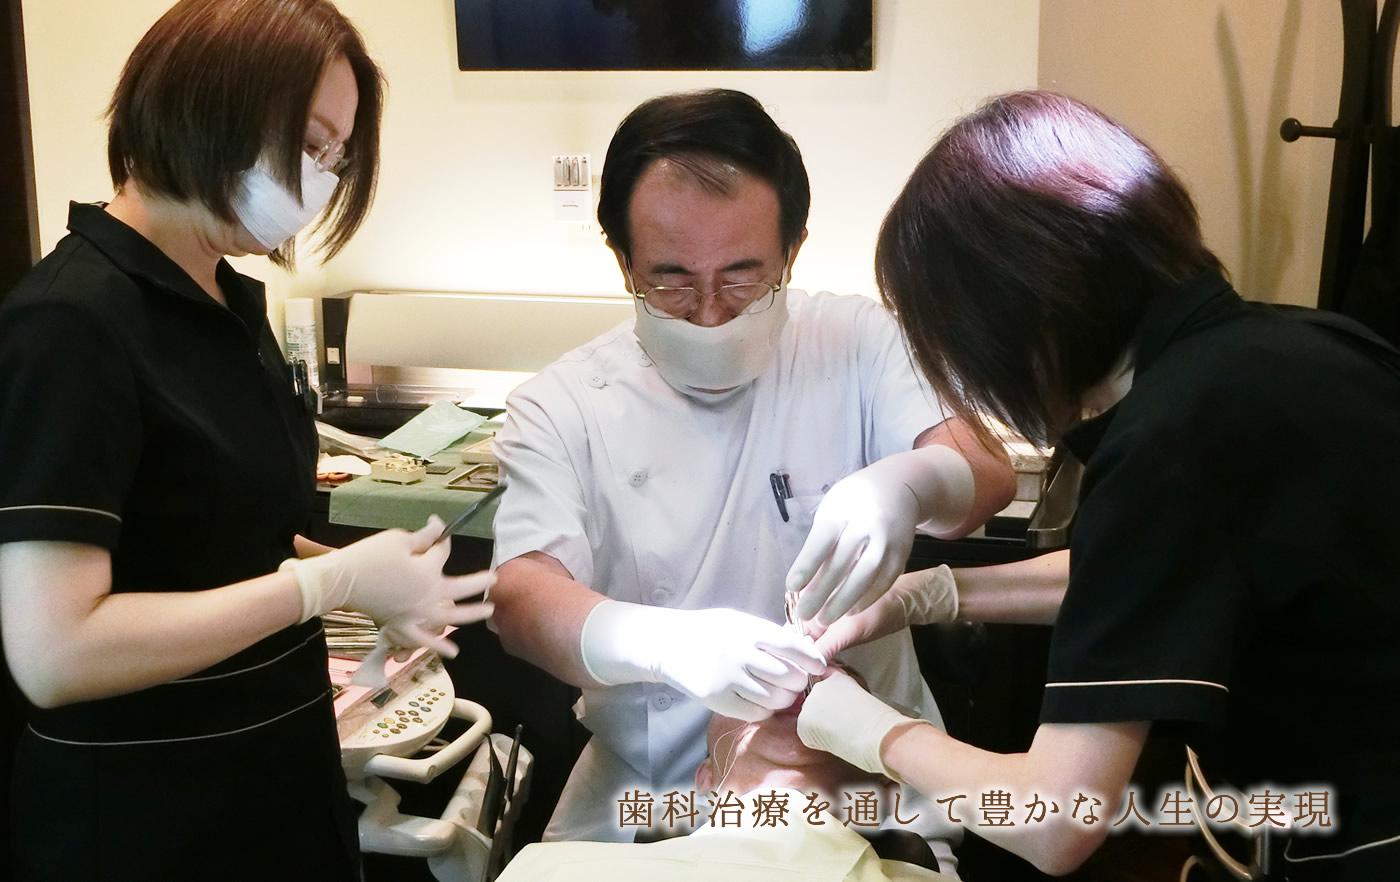 歯科治療を通して豊かな人生の実現